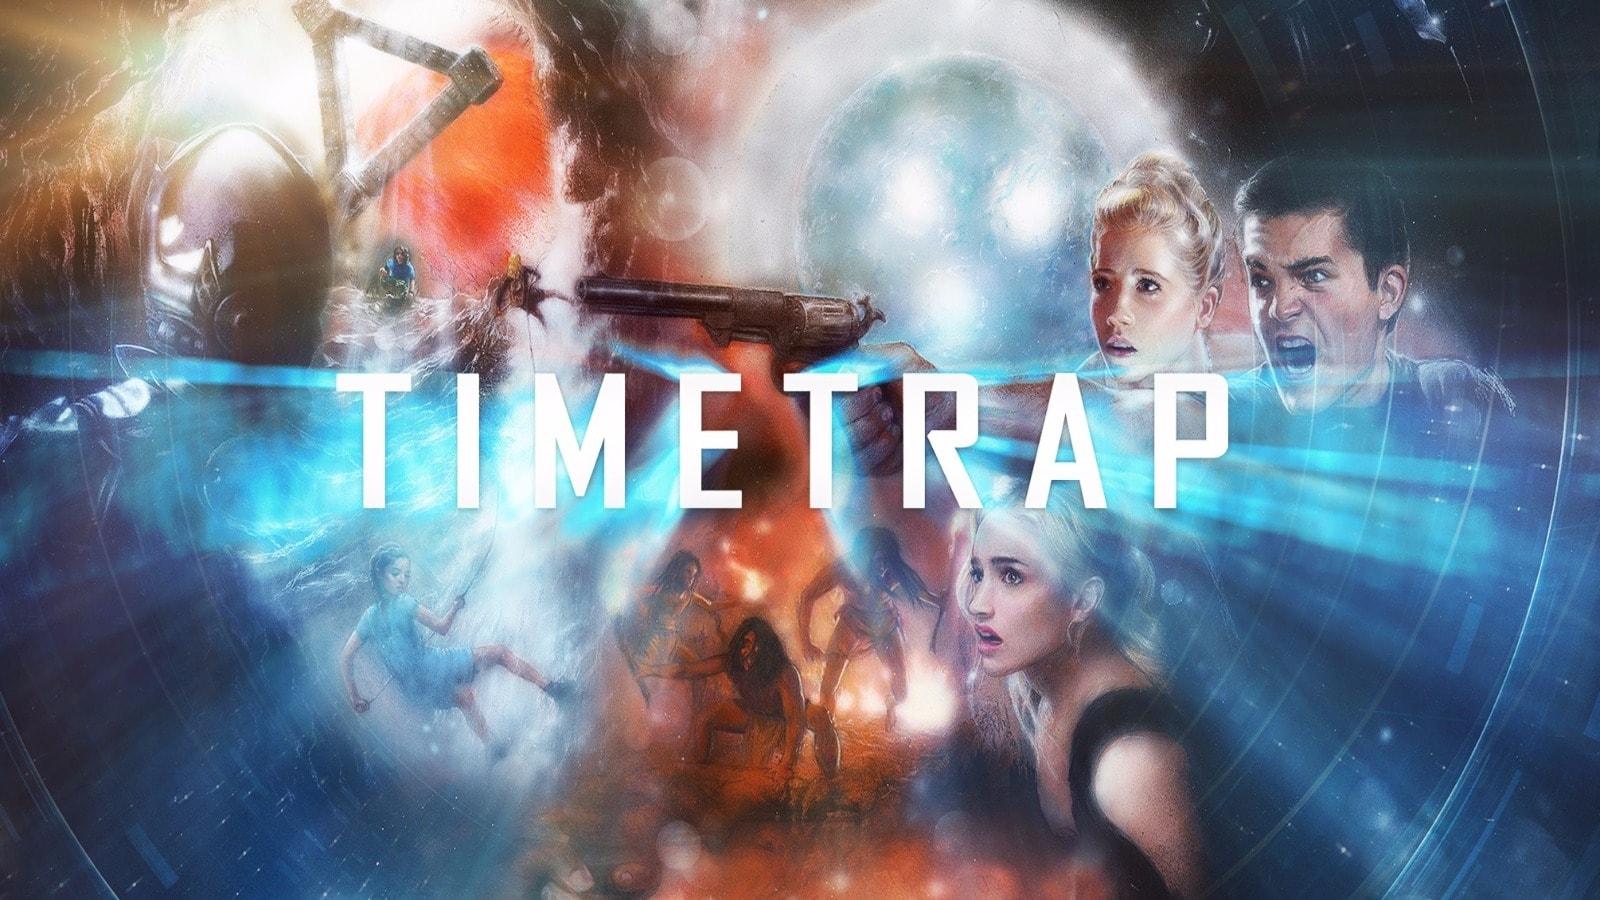 TIME TRAP   NETFLIX (2017) ฝ่ามิติกับดักเวลาพิศวง